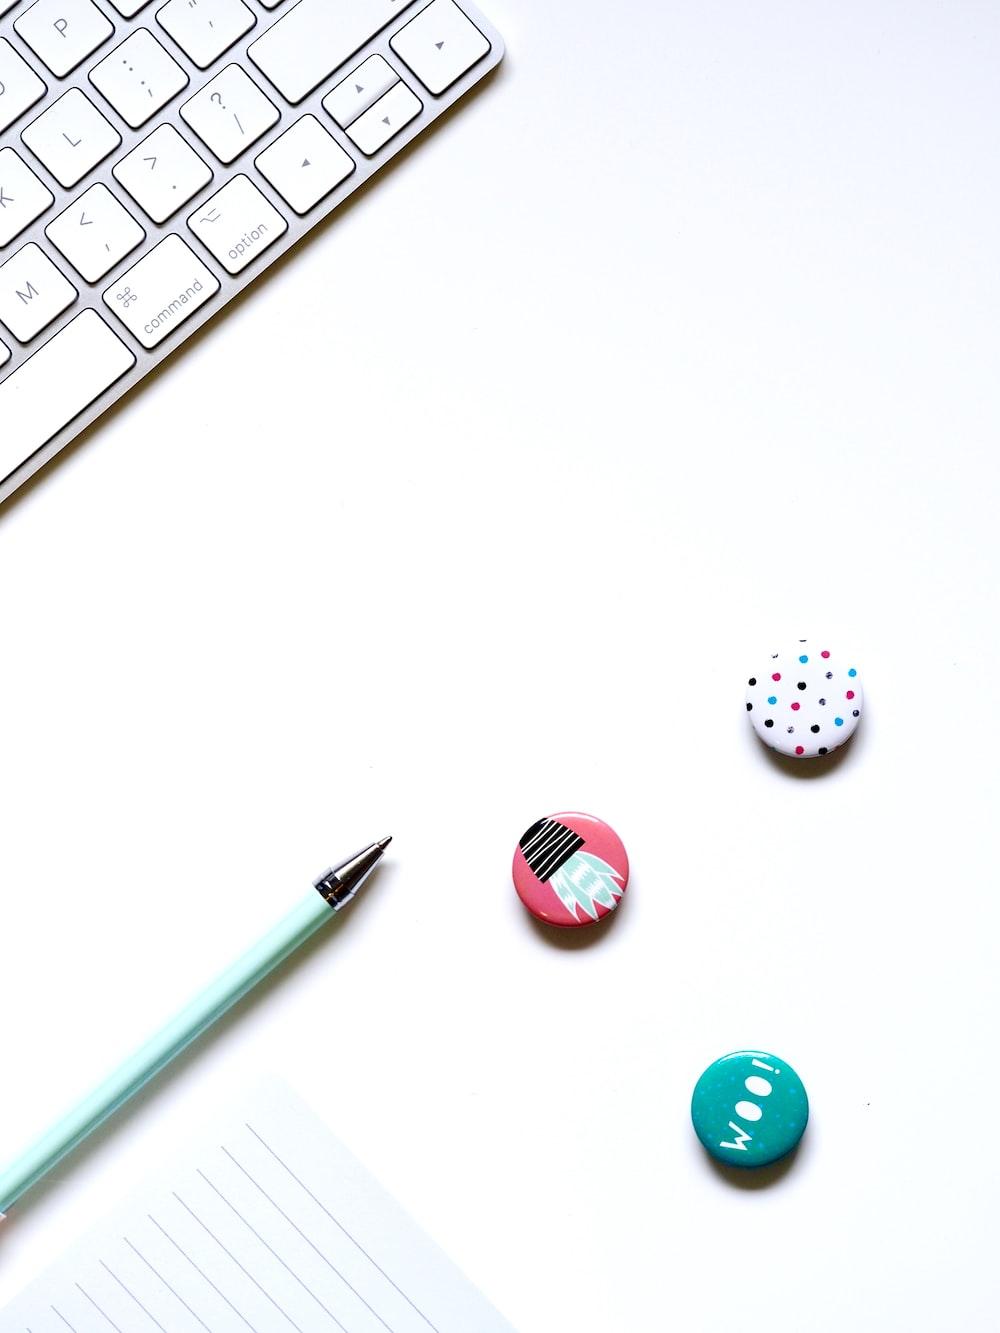 thre assorted button pins near green ballpoint pen